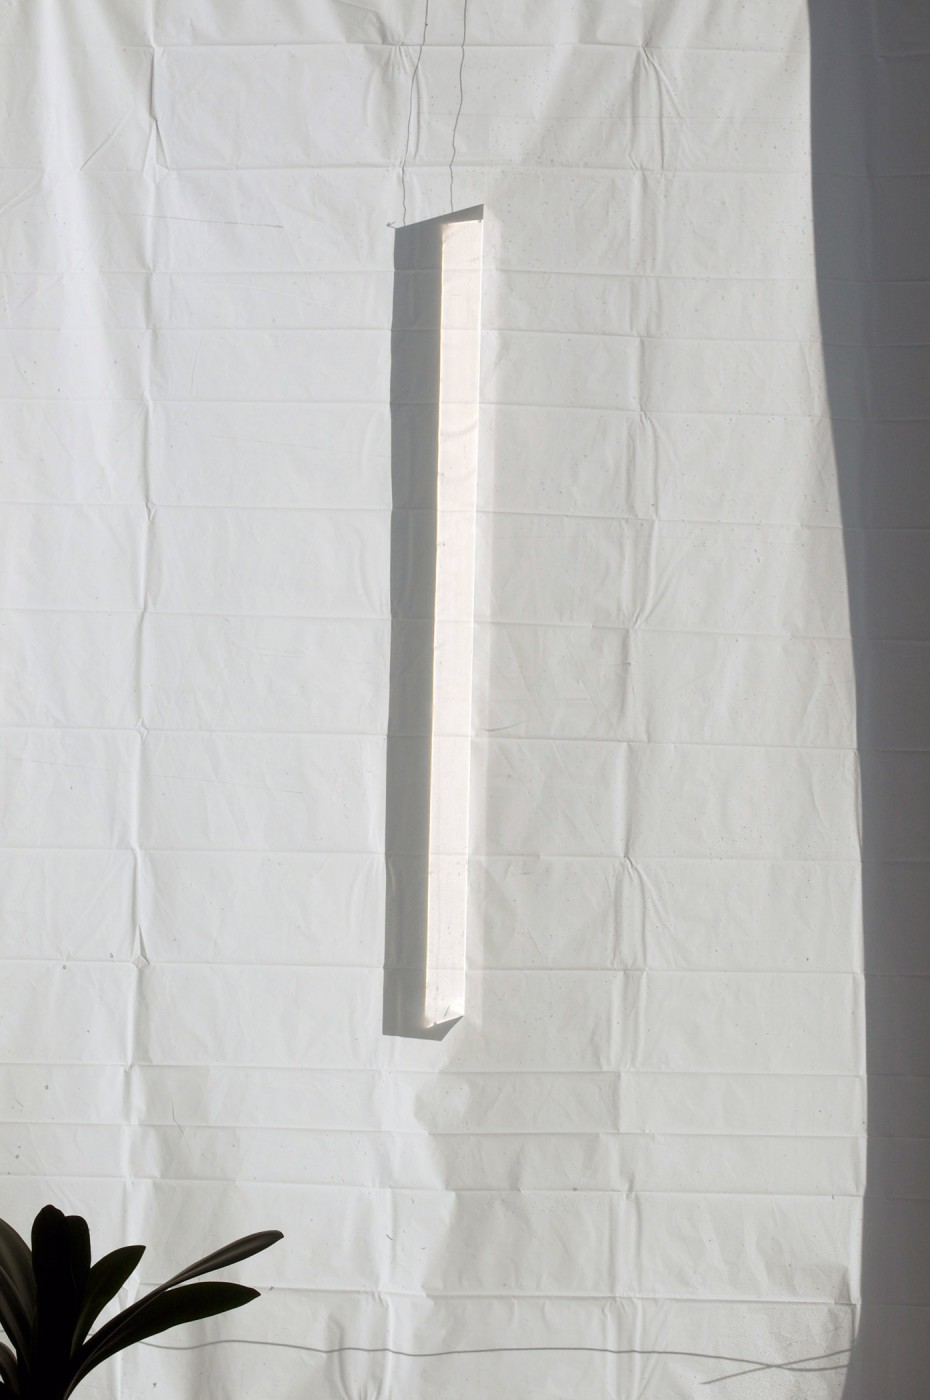 Ève K. Tremblay, </span><span><em>Clair Obscur dans l'atelier de mon père #2 (prisme et rideau de douche)</em>, </span><span>2013. Courtesy of the artist.